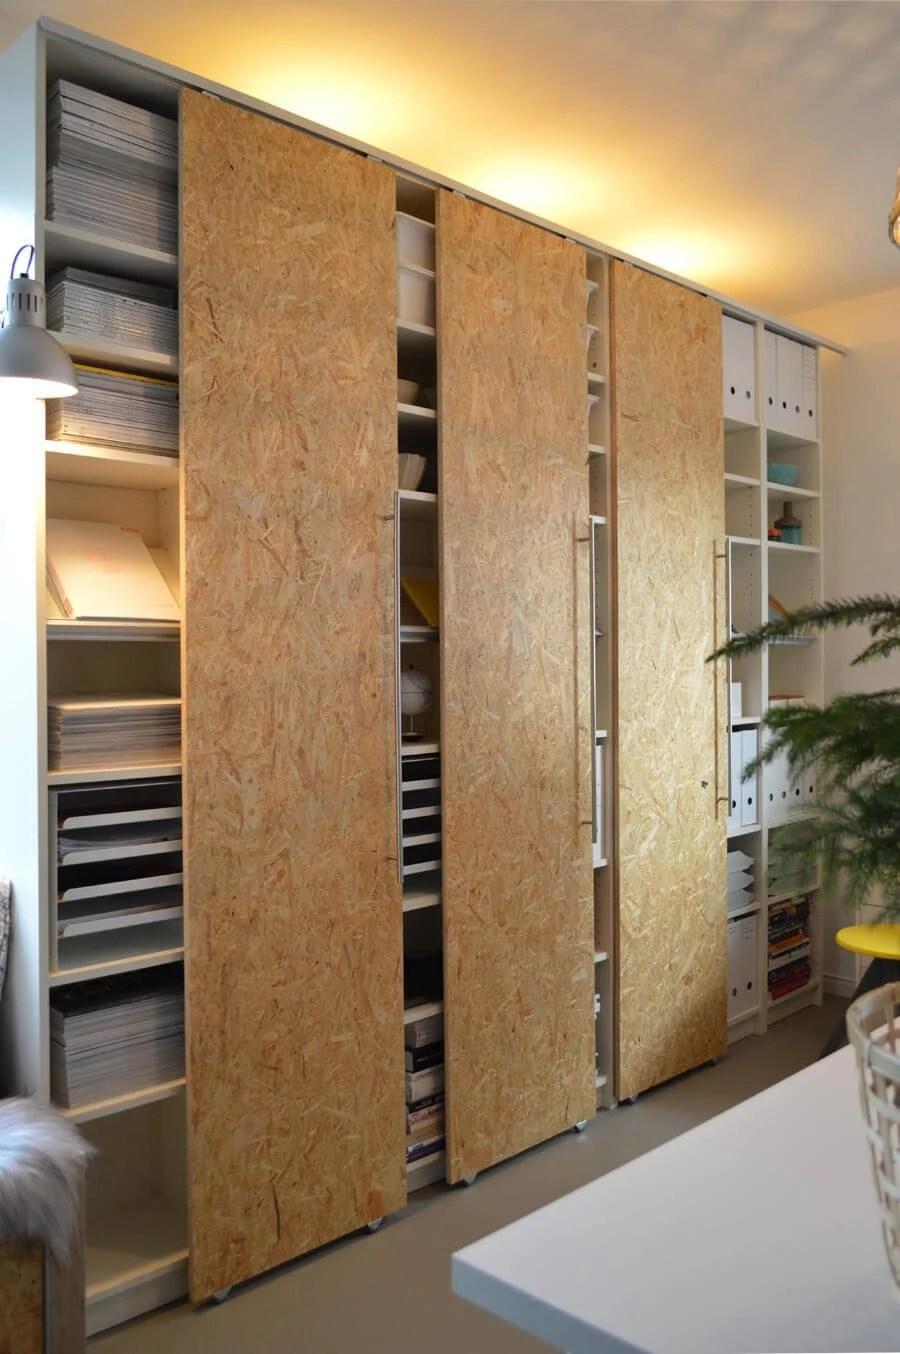 How to make sliding closet doors for PAX?